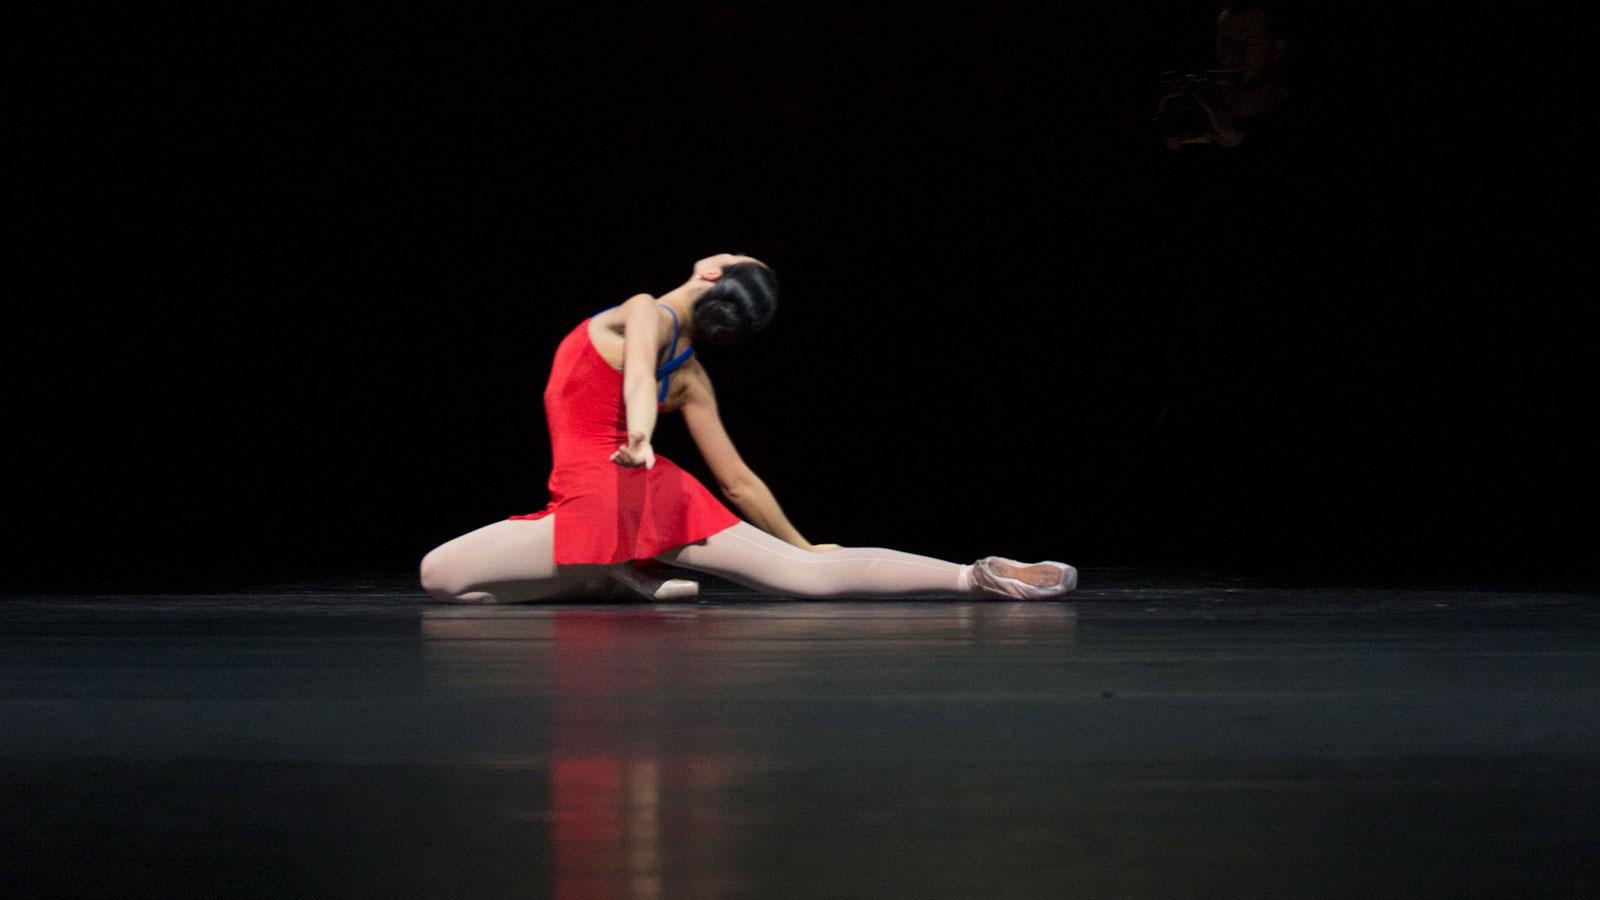 Vrouw zit op de grond, rode jurk.